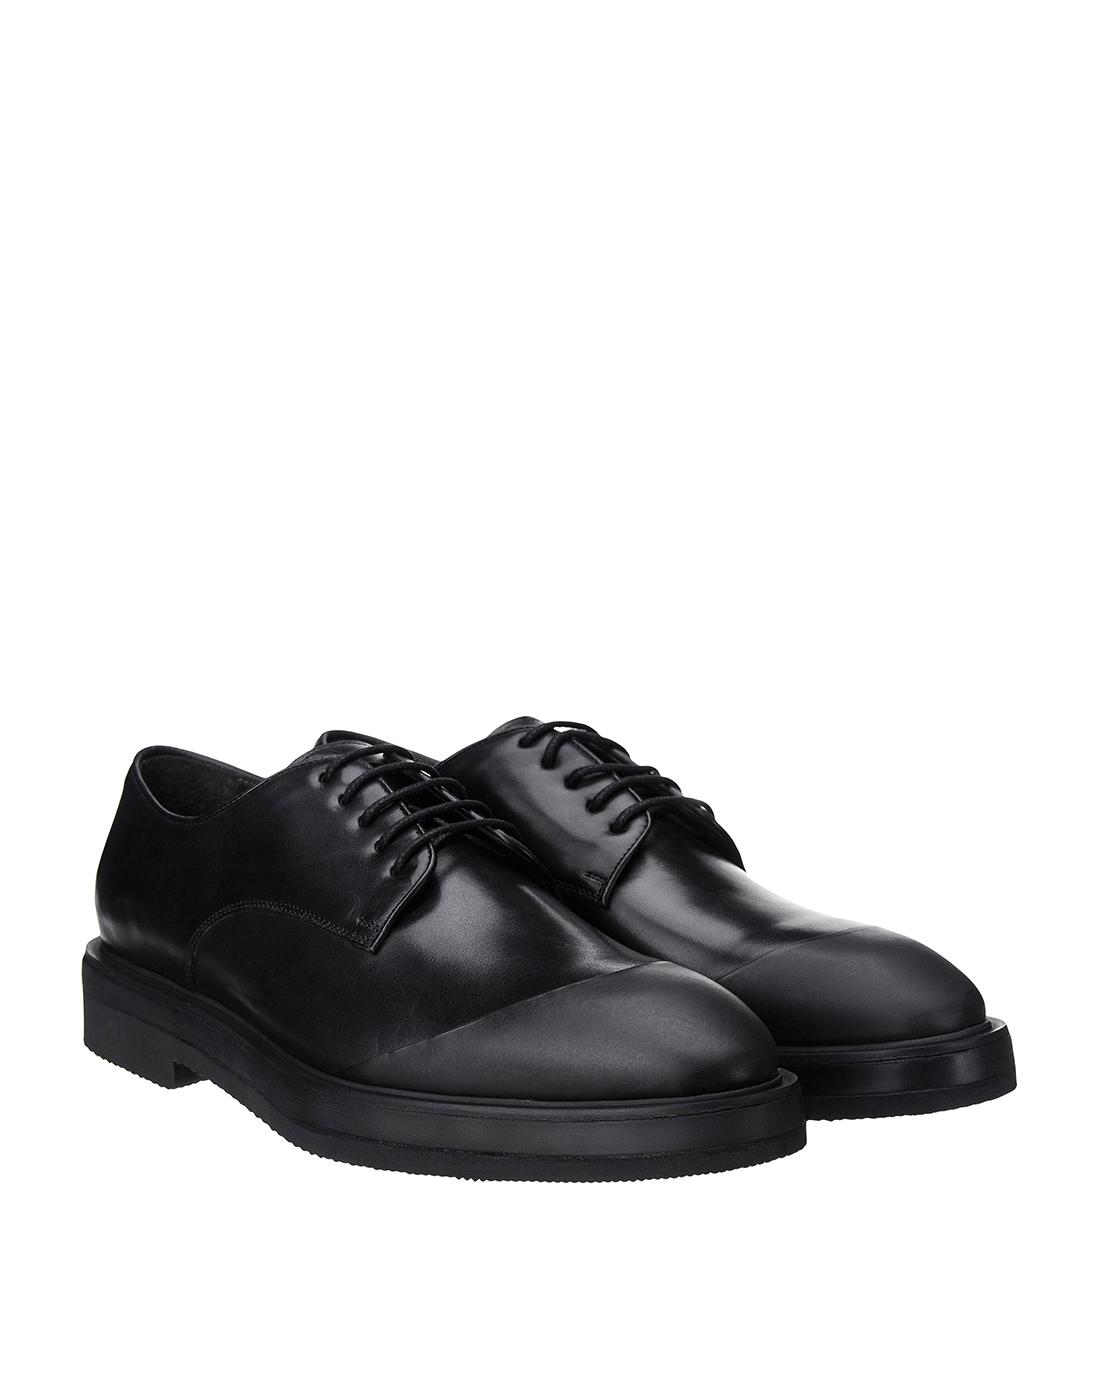 Туфли черные мужские Brecos S8192-2